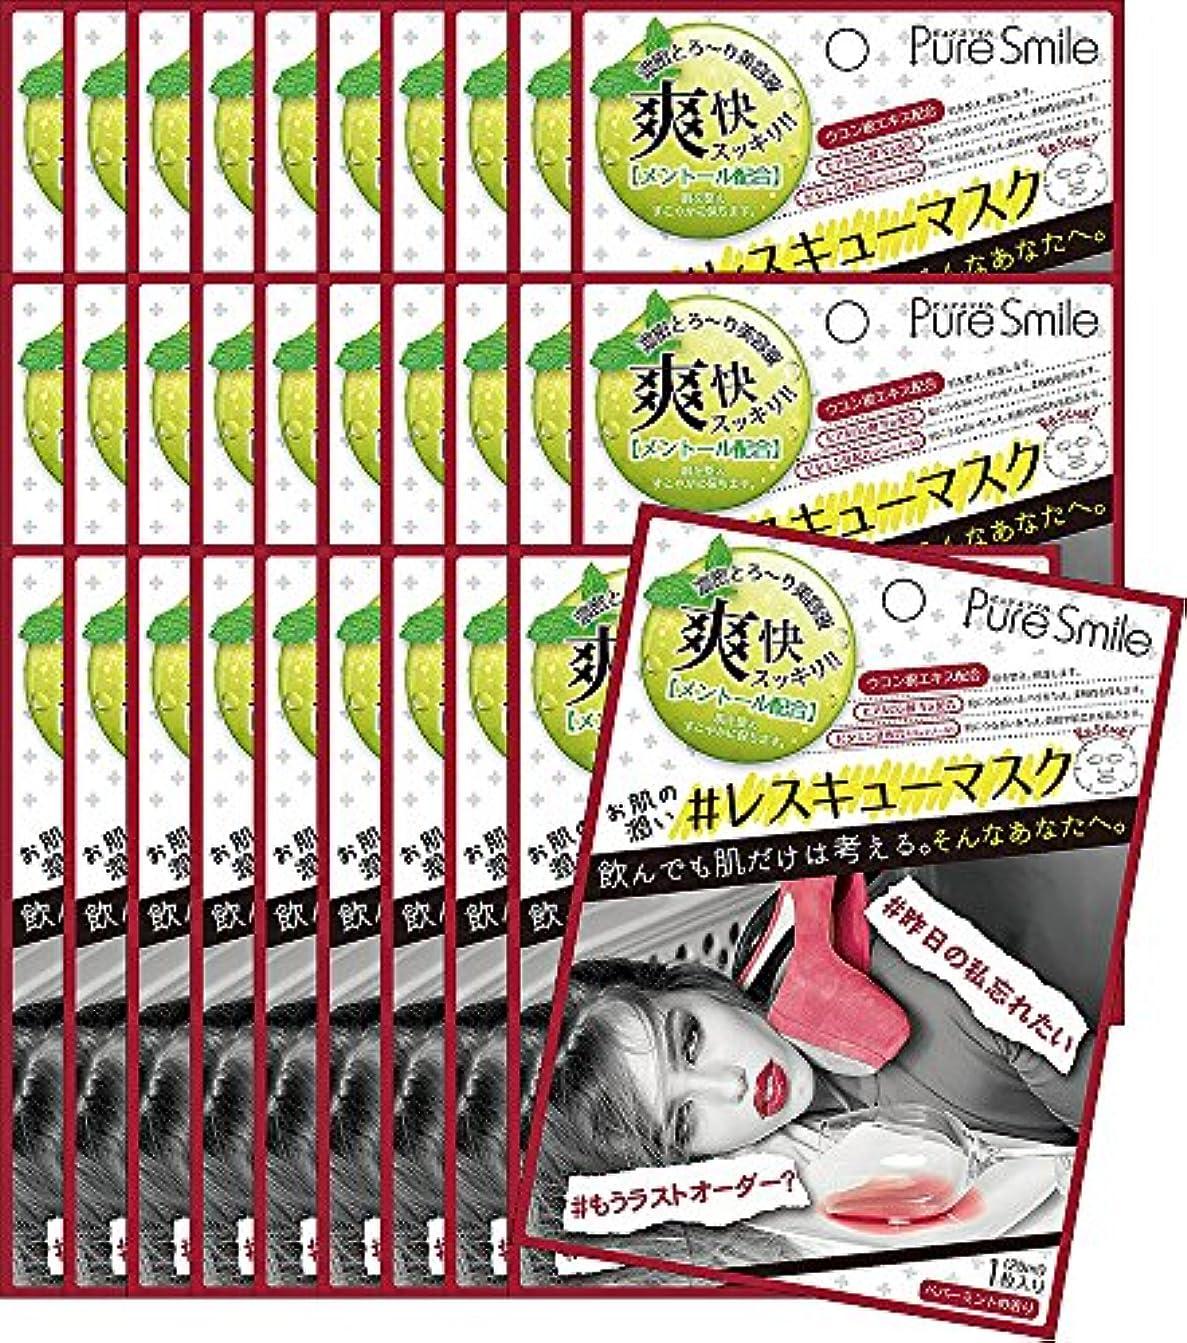 クラッチ医薬ホステルピュアスマイル 『レスキューマスク』【飲みすぎ/ウコンでレスキュー(ペパーミントの香り)メントール配合】30枚セット